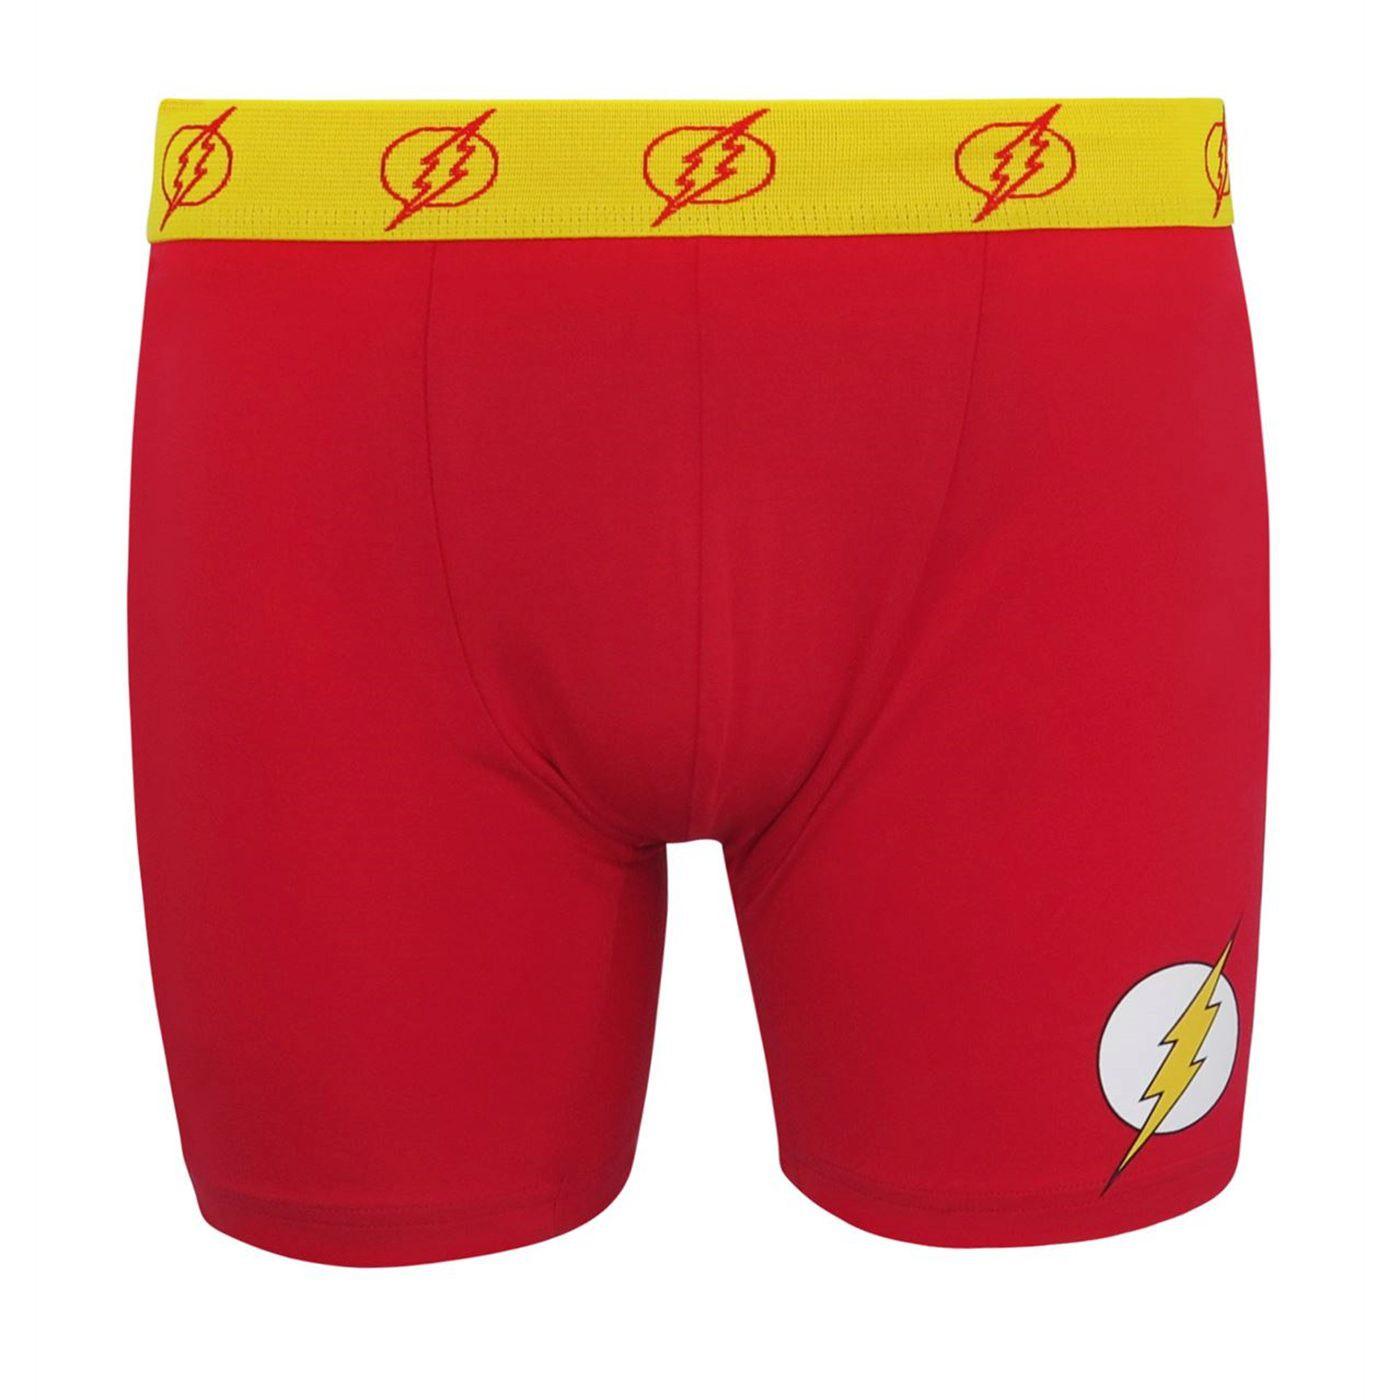 Flash Symbol Men's Underwear Fashion Boxer Briefs